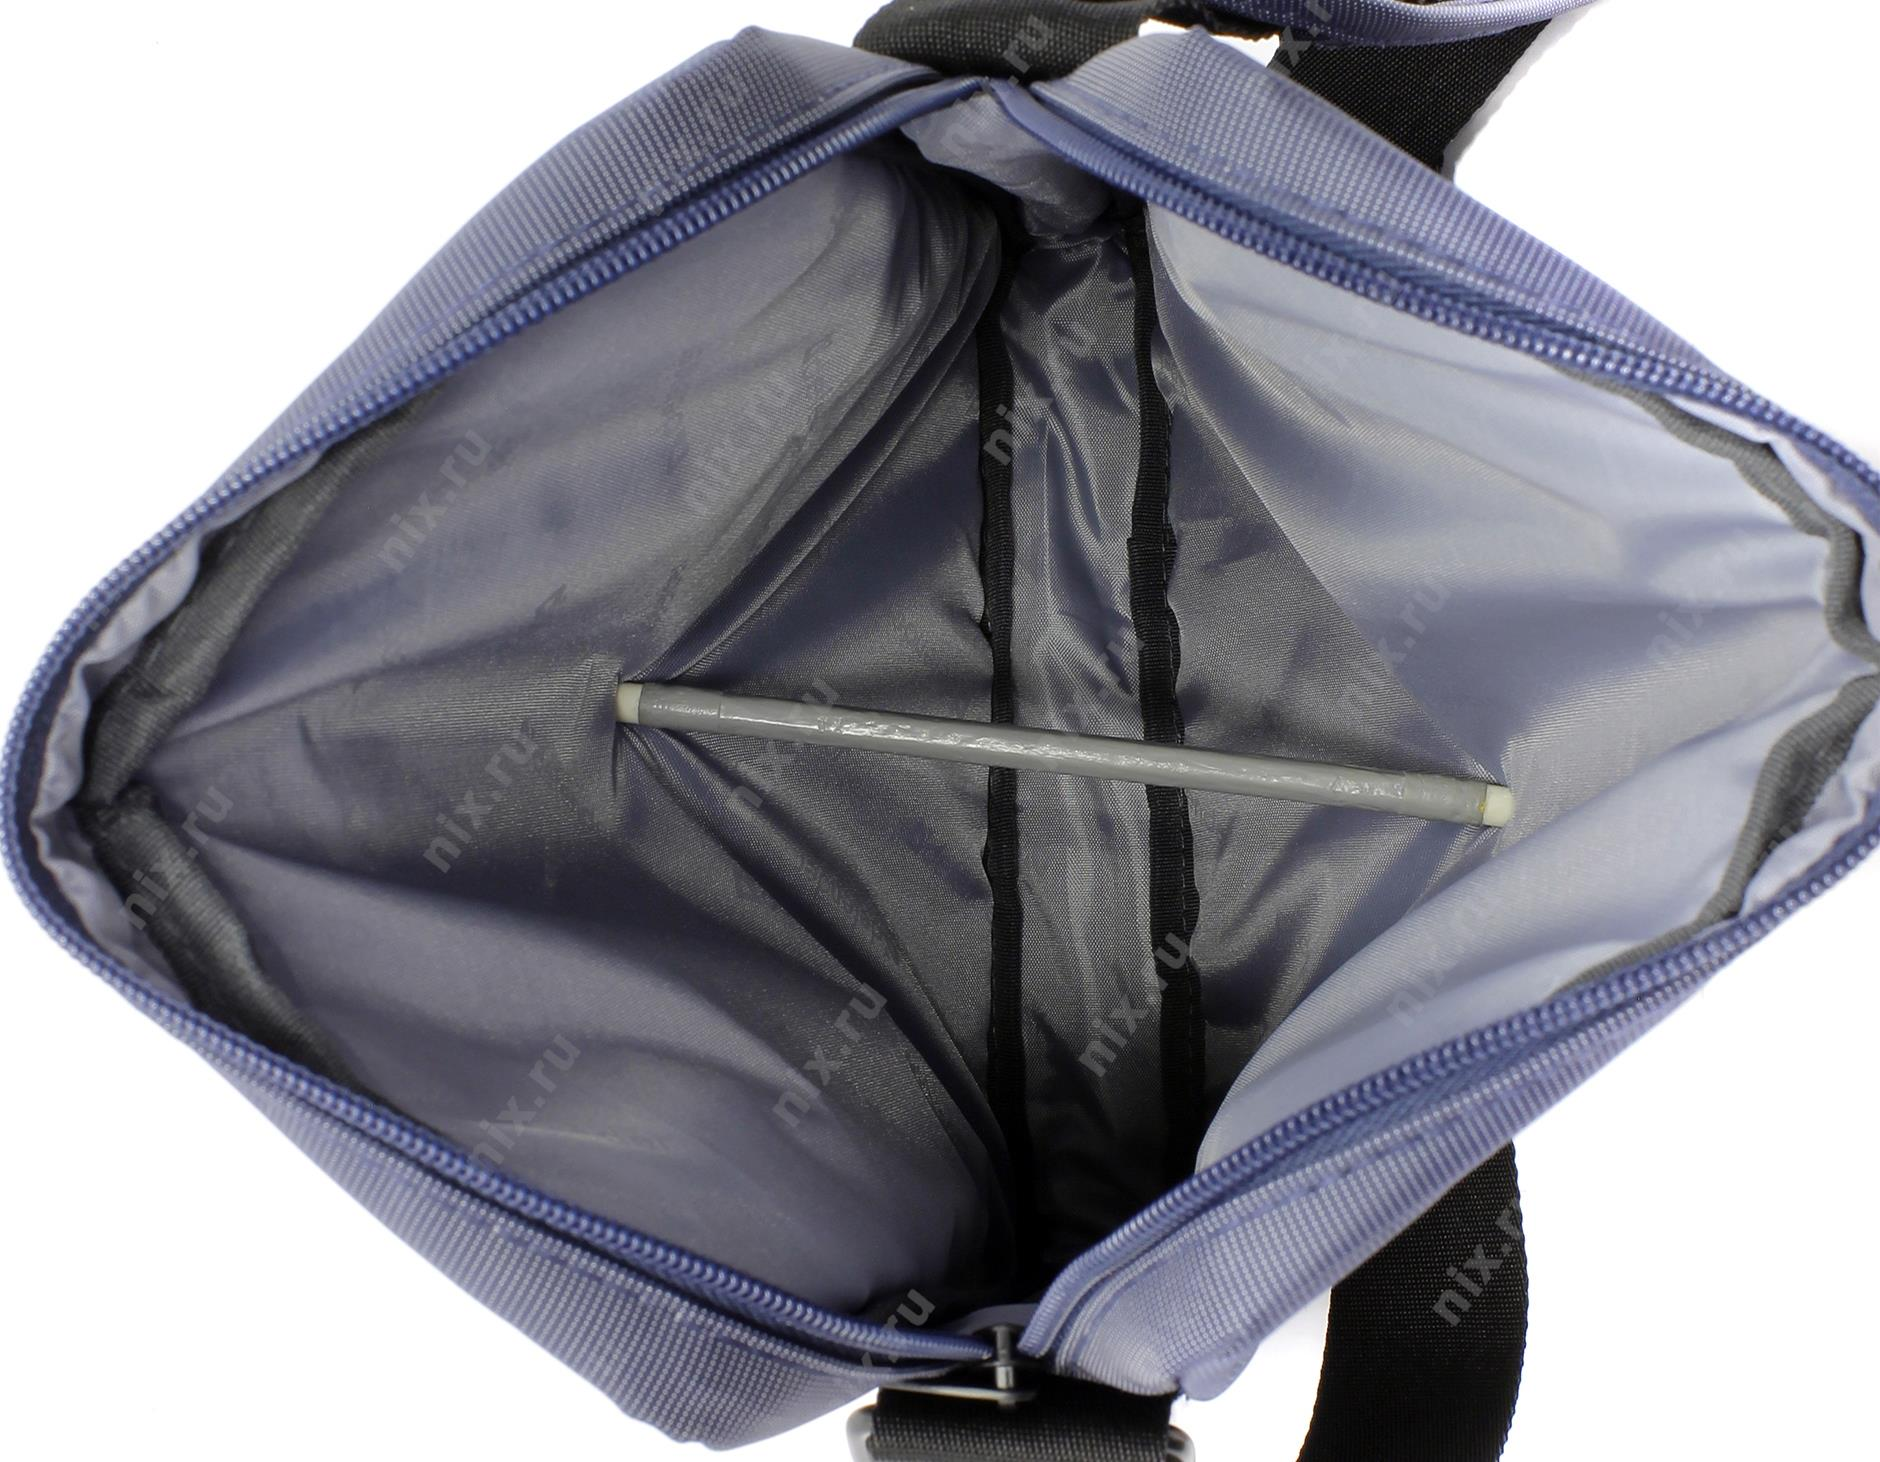 6837e03bdfd1 Сумка для ноутбука Defender Sky — купить, цена и характеристики, отзывы